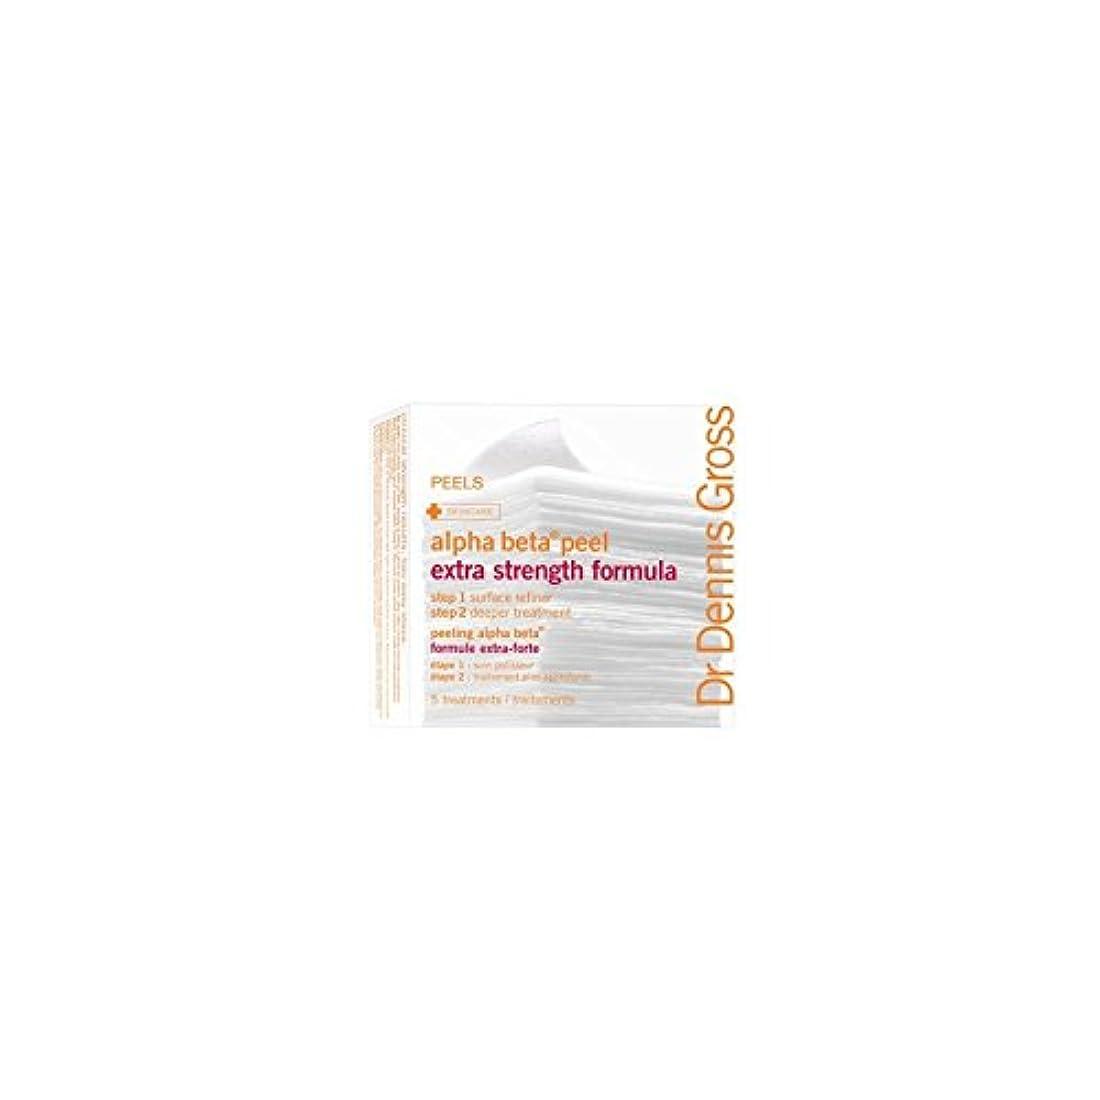 ビリー採用印をつけるデニスグロス余分な強度アルファベータピール - 余分な強さ(5 ) x4 - Dr Dennis Gross Extra Strength Alpha Beta Peel - Extra Strength (5 Packettes...